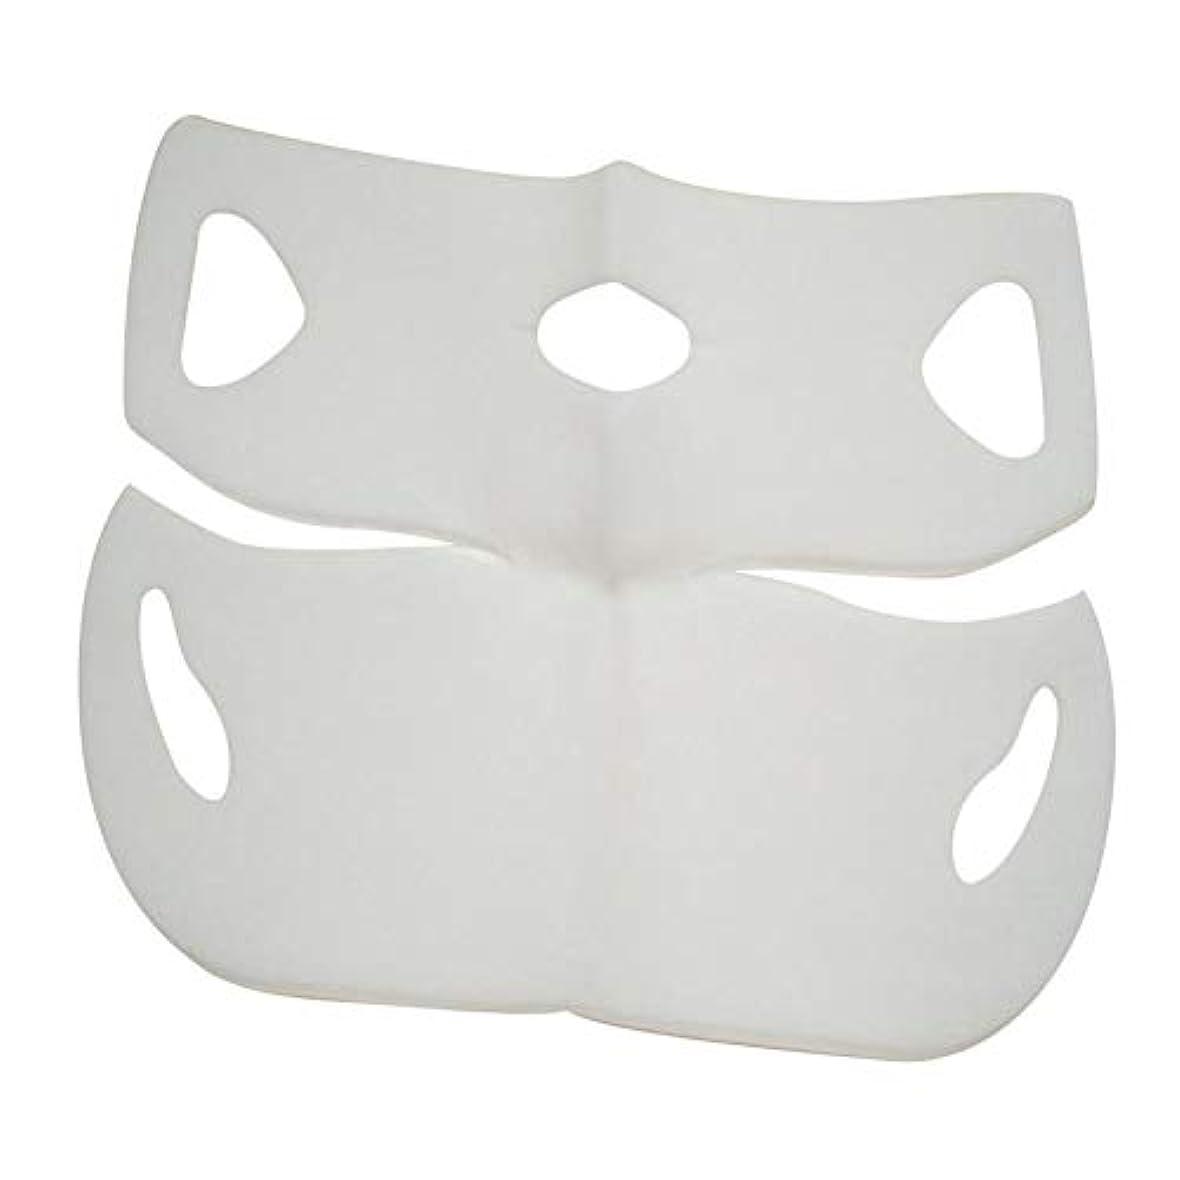 ドリンク投票スペードSILUN 最新型 4D Vフェイシャルマスク フェイスマスク 小顔 マスク フェイスラインベルト 美顔 顔痩せ 肌ケア 保湿 毛細血管収縮 睡眠マスク